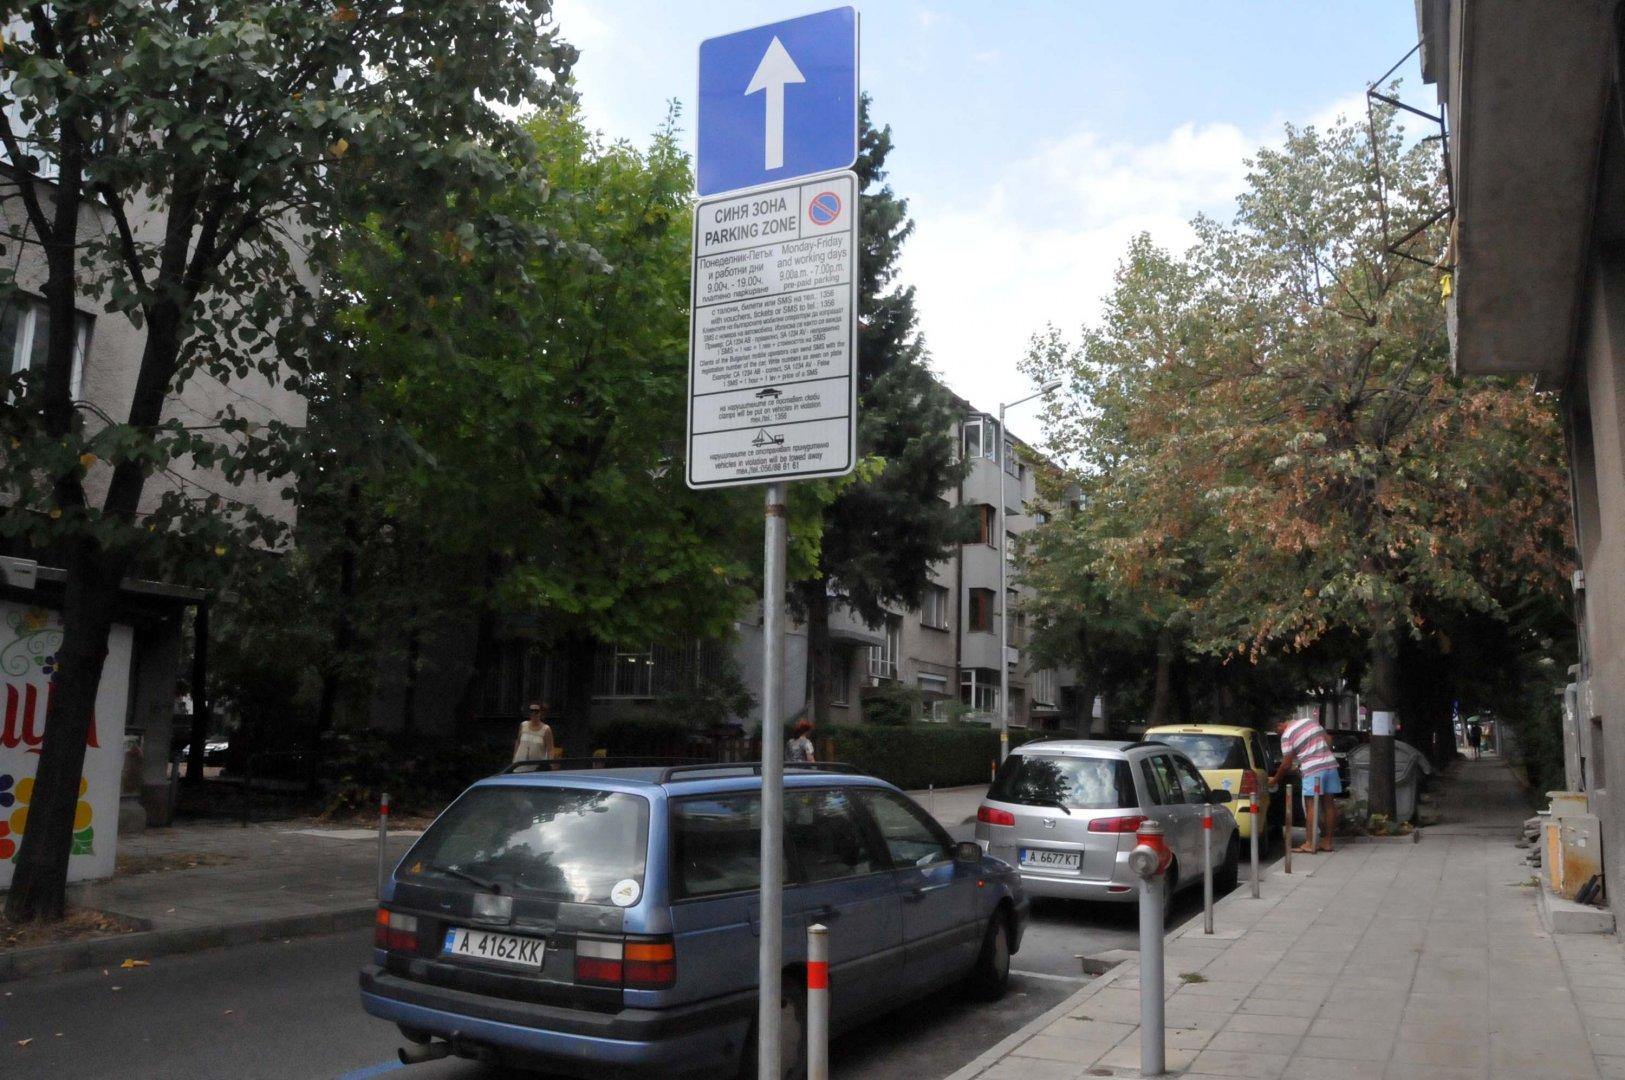 Тодор Стамболиев предлага паркирането да става с абонаментен стикер. Снимка Архив Черноморие-Бг